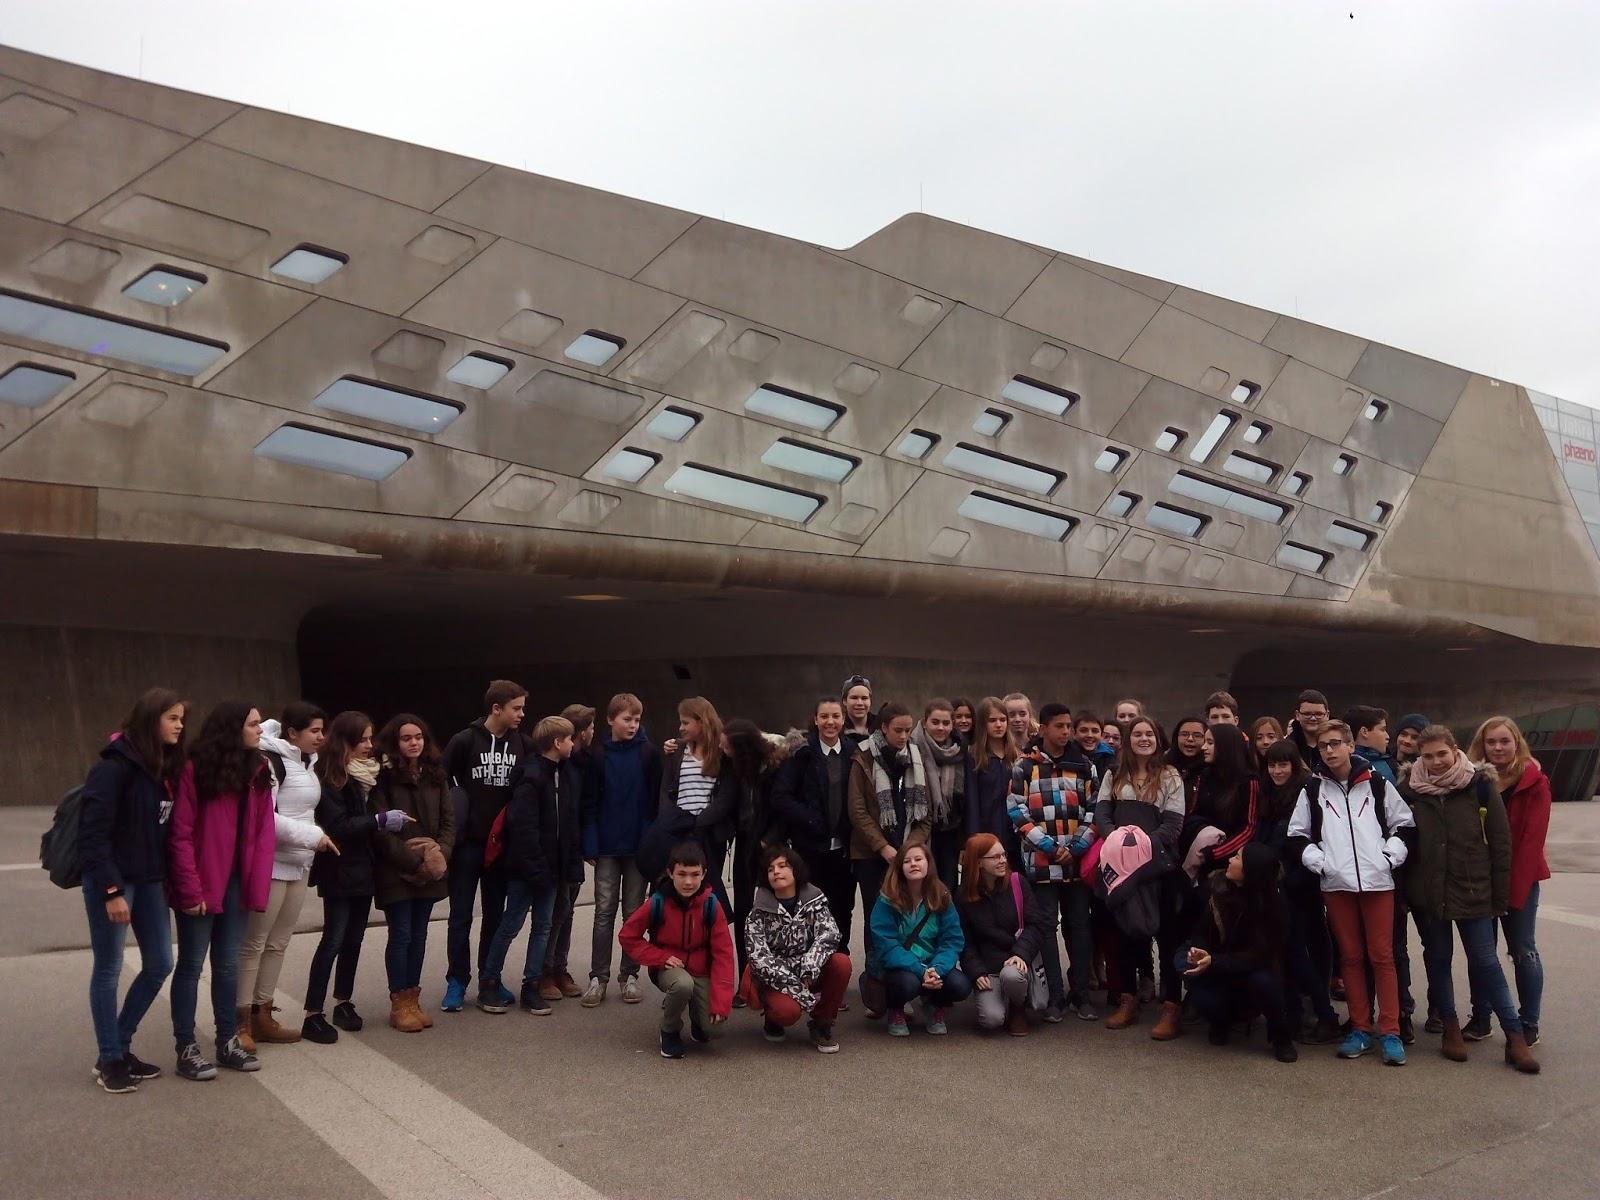 Programa Internacional De Manyanet Sant Andreu :  Intercanvis Per A La Formació I El Futur Dels Nostres Alumnes